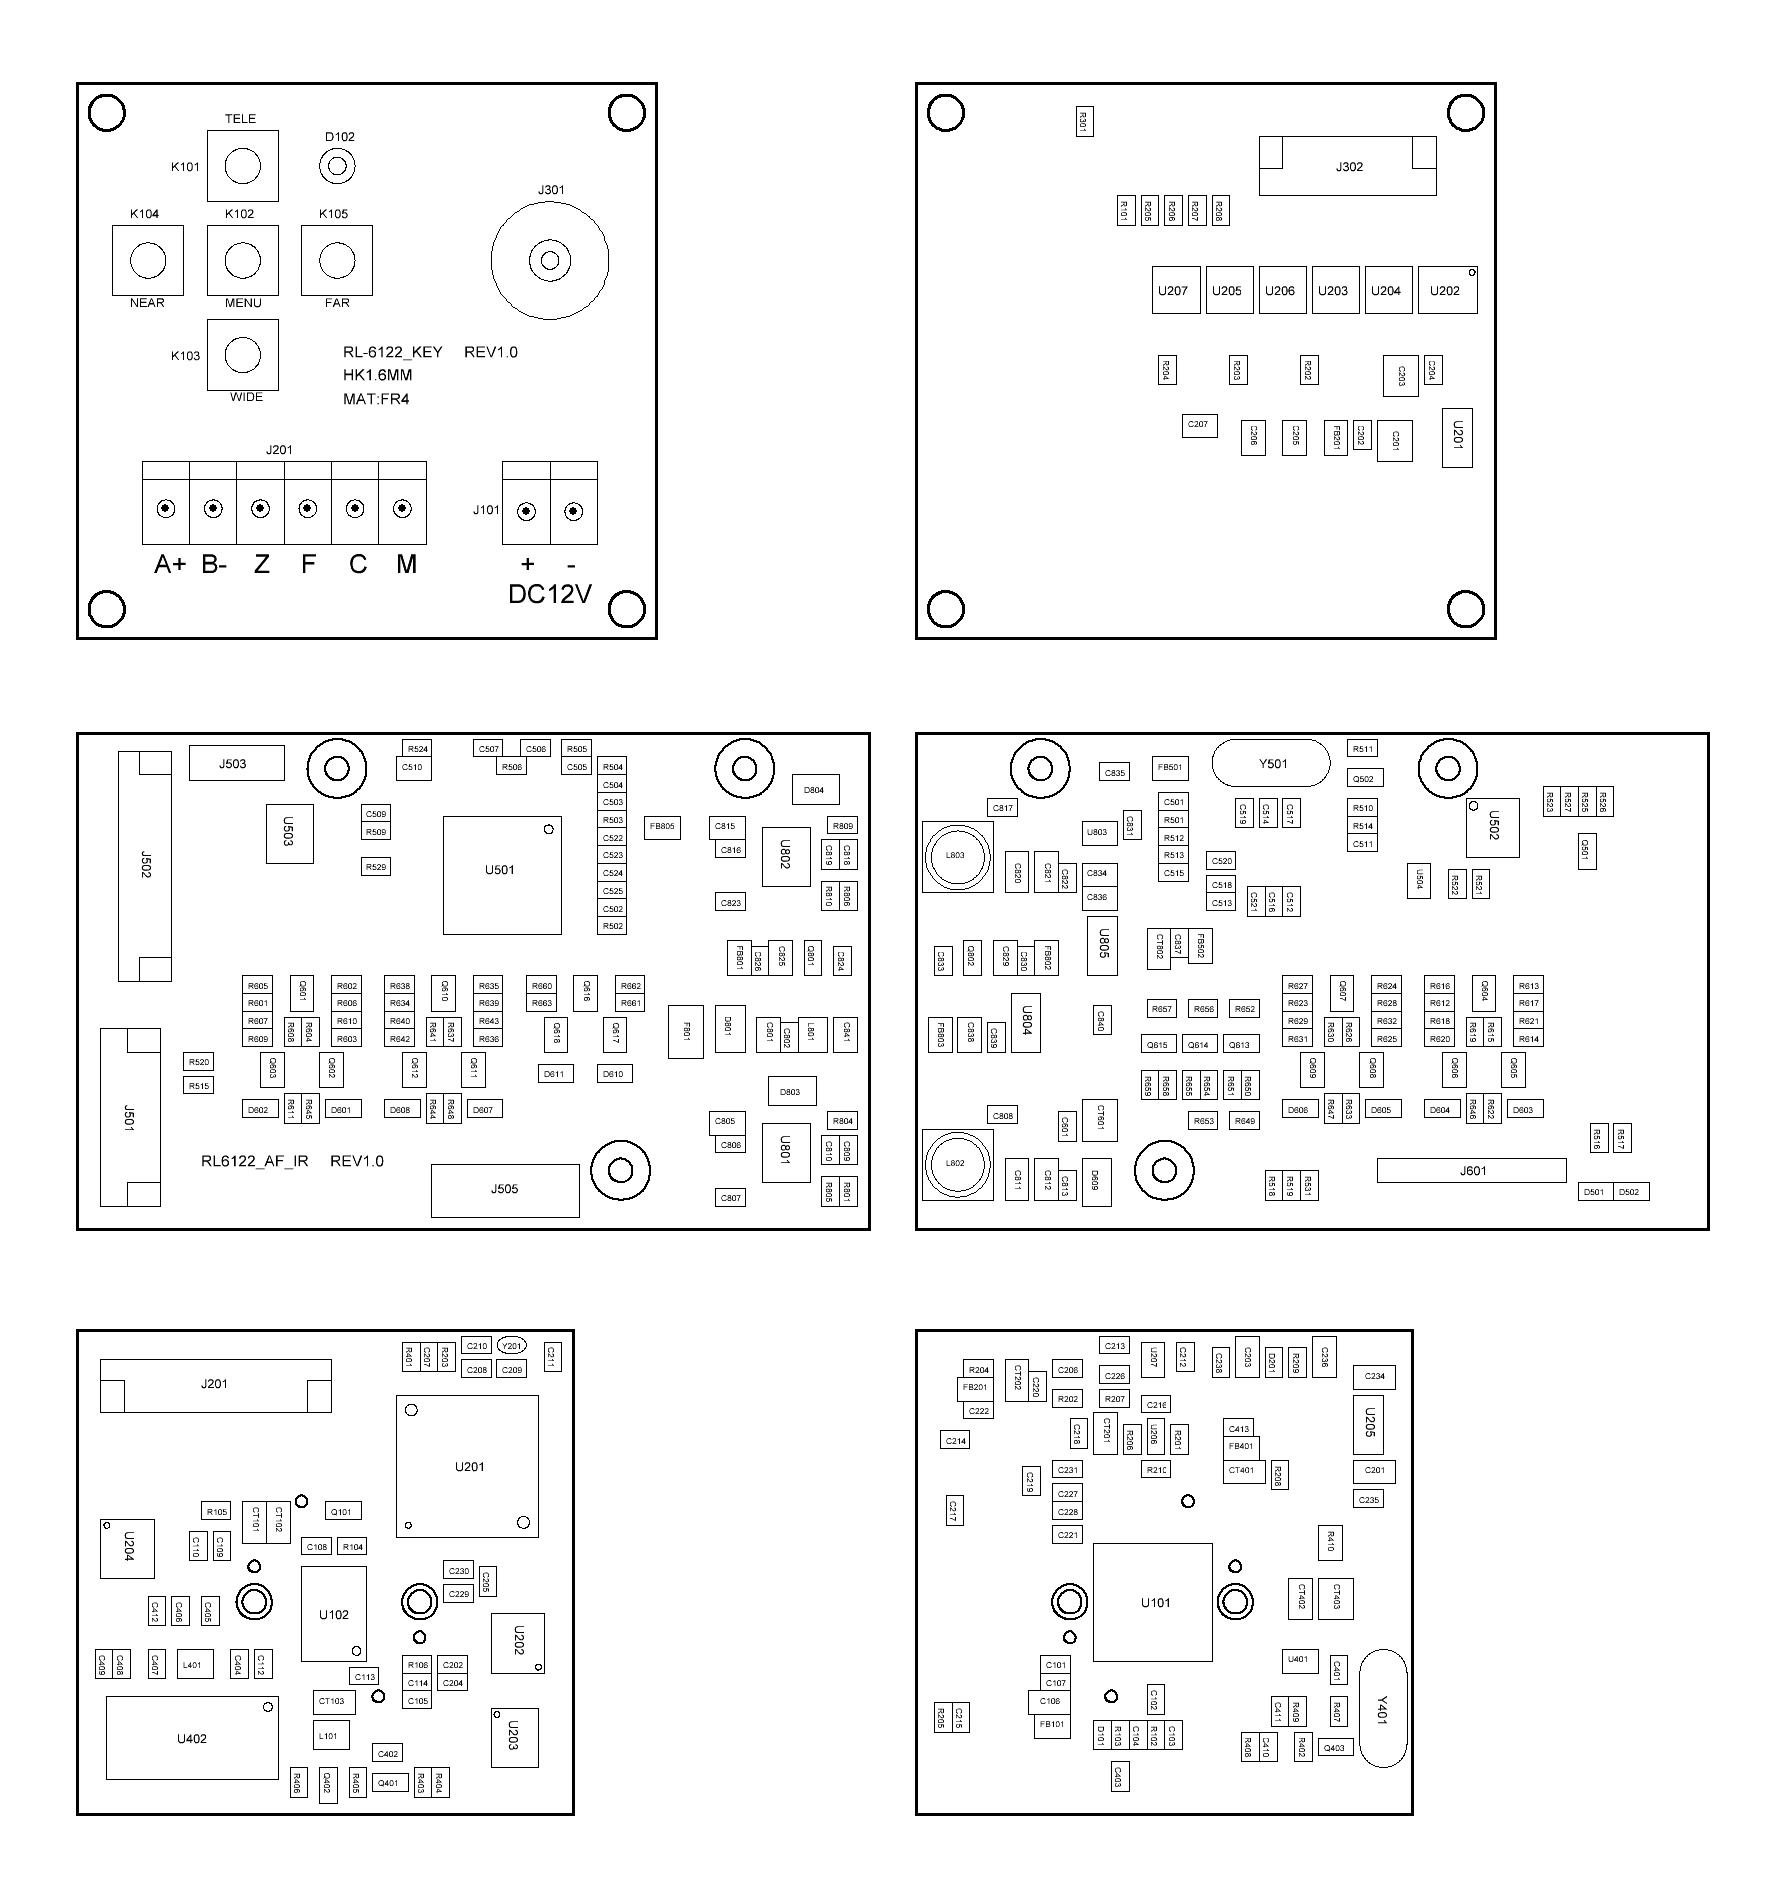 Обратная разработка аналоговой видеокамеры - 24